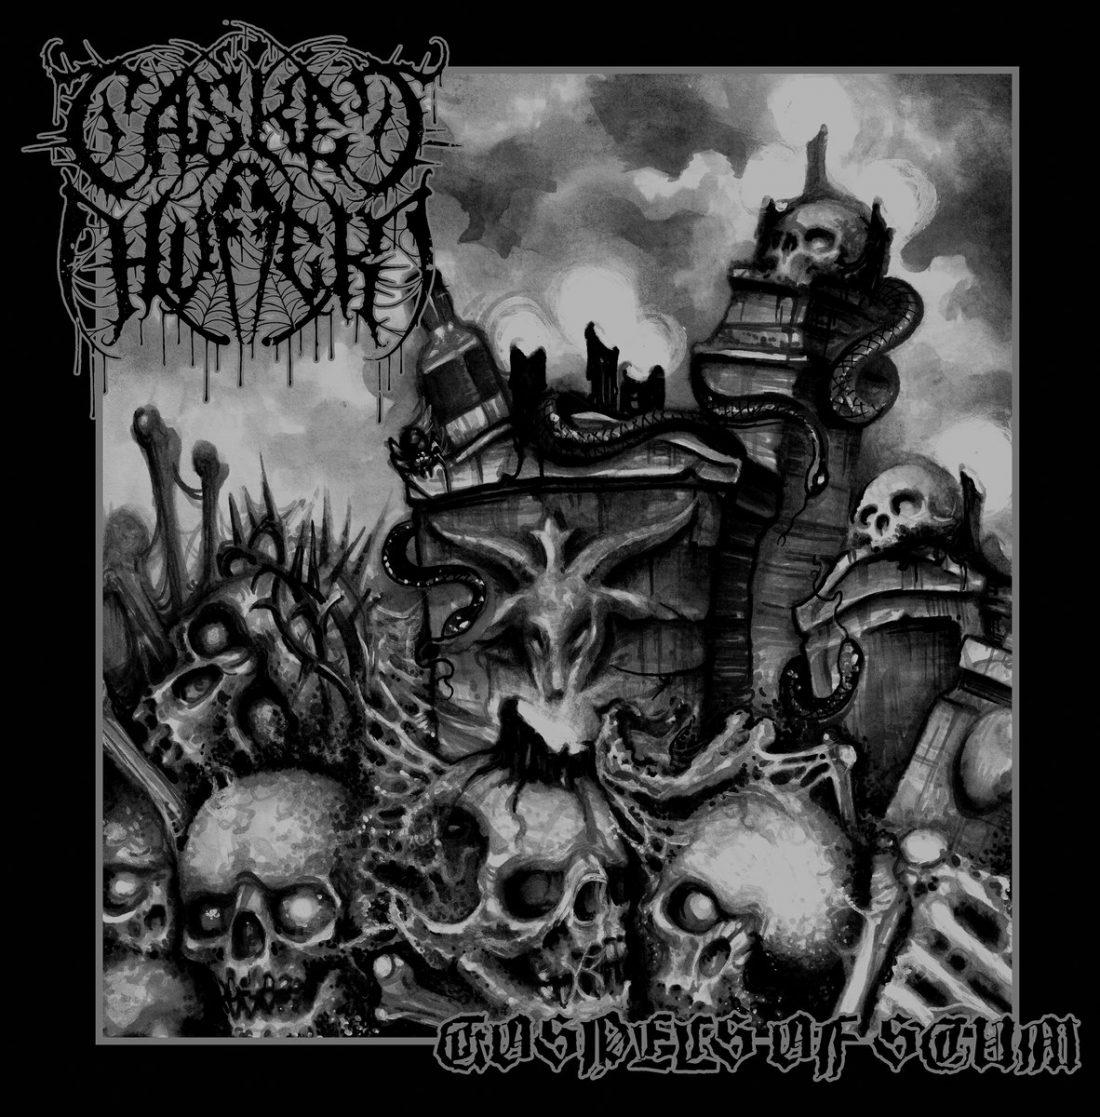 casket_huffer_gospels_of_scum